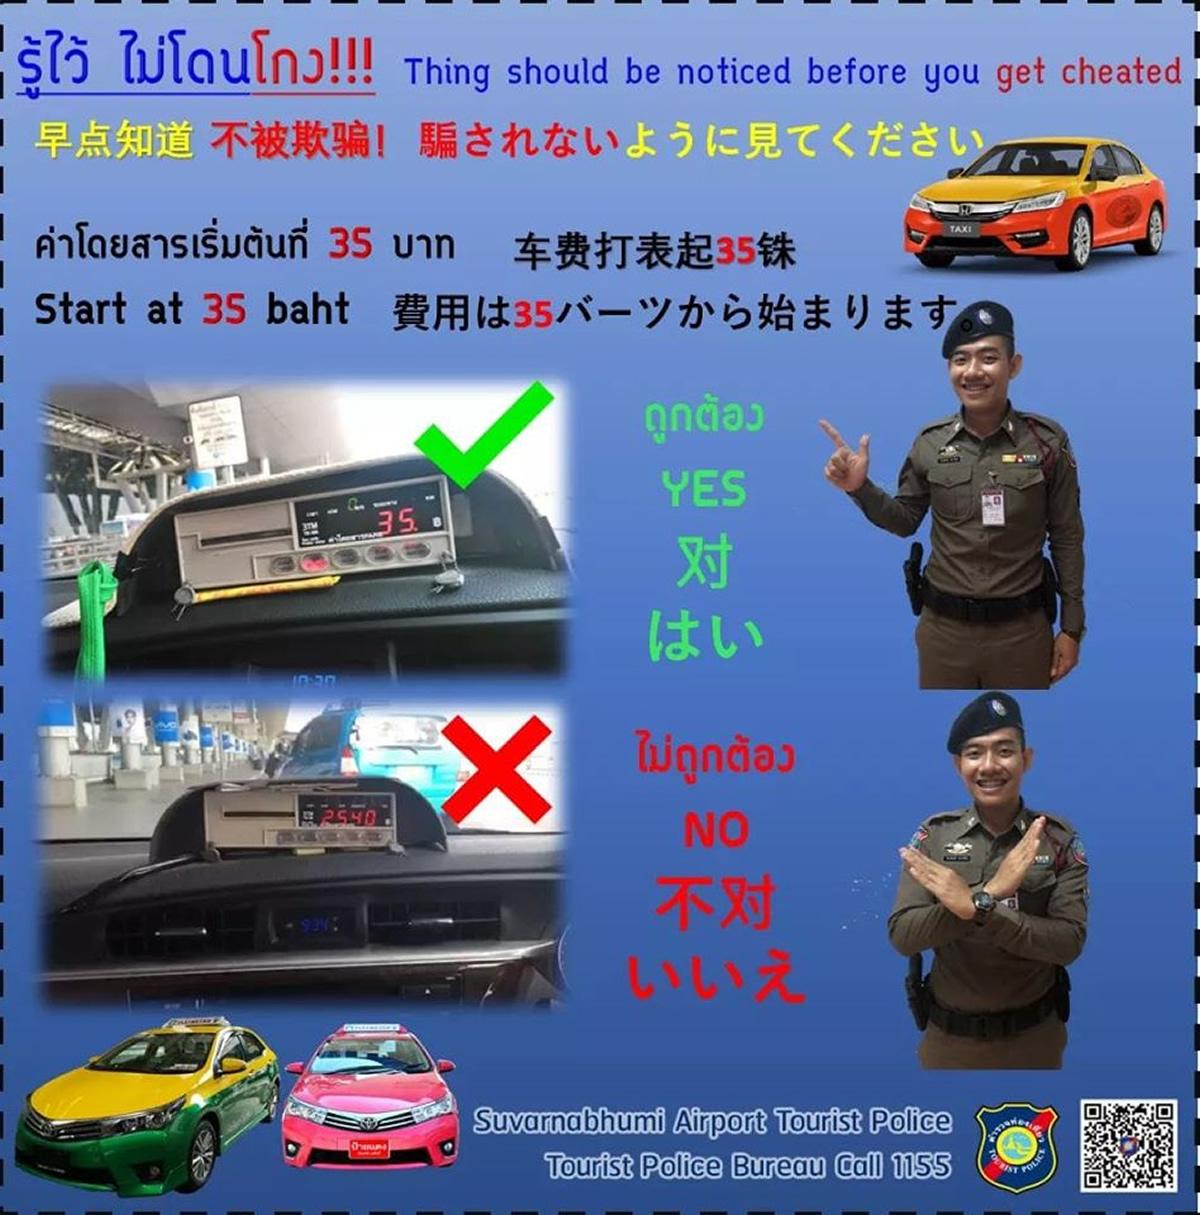 タイ観光警察、空港からのタクシー利用に注意を促す